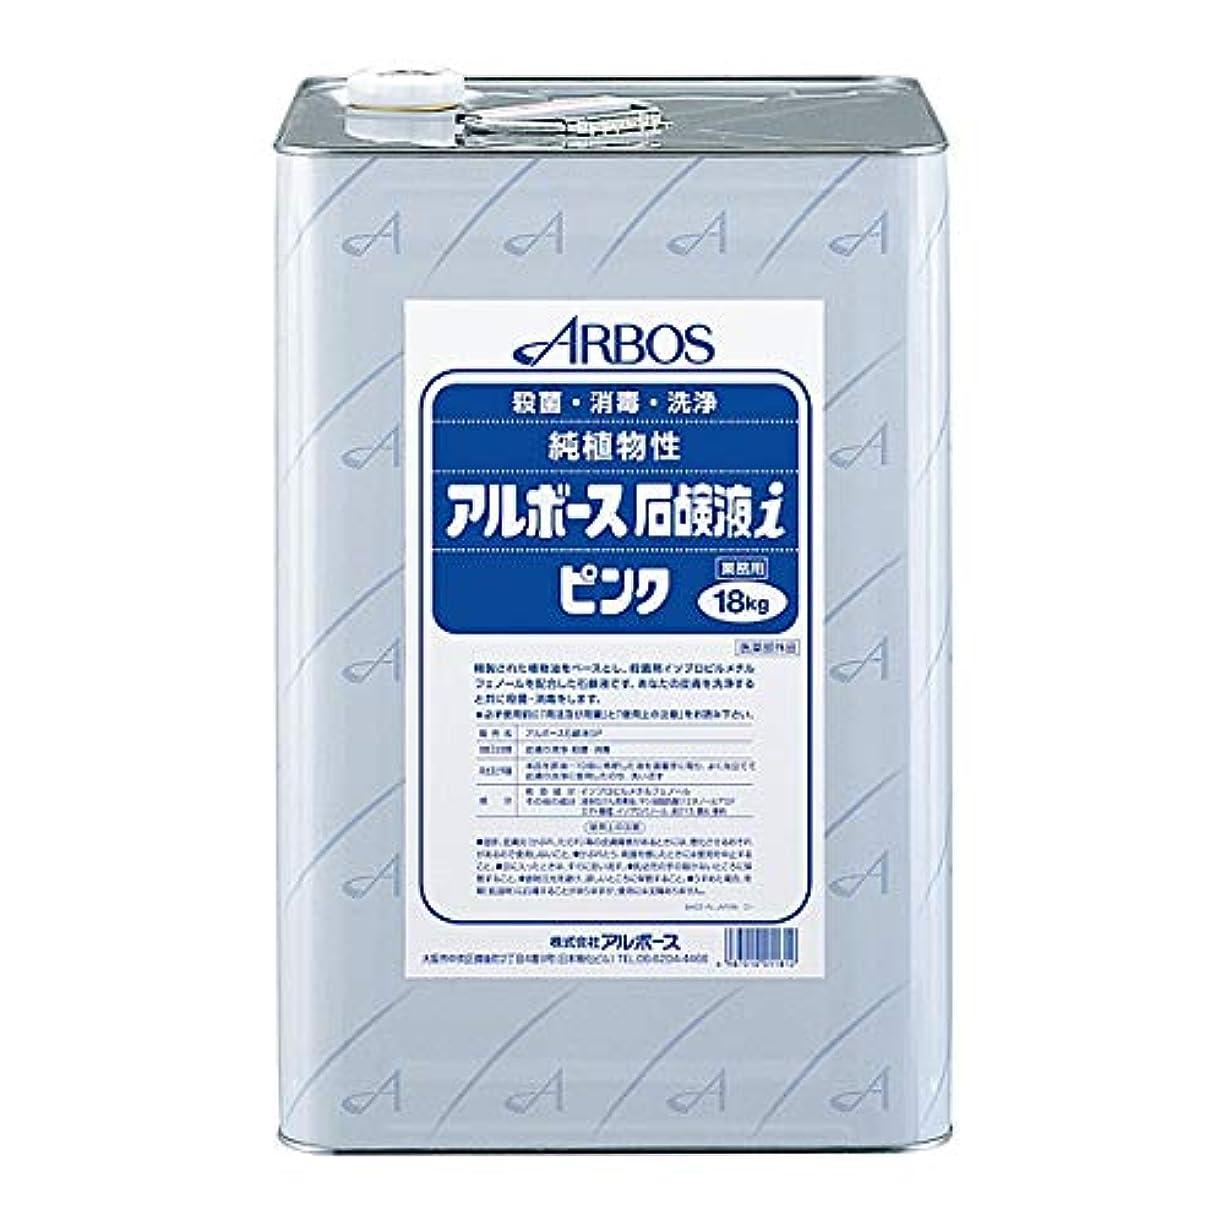 定期的冒険セマフォ【清潔キレイ館】アルボース石鹸液i ピンク(18L)+つめブラシ1個 オマケ付